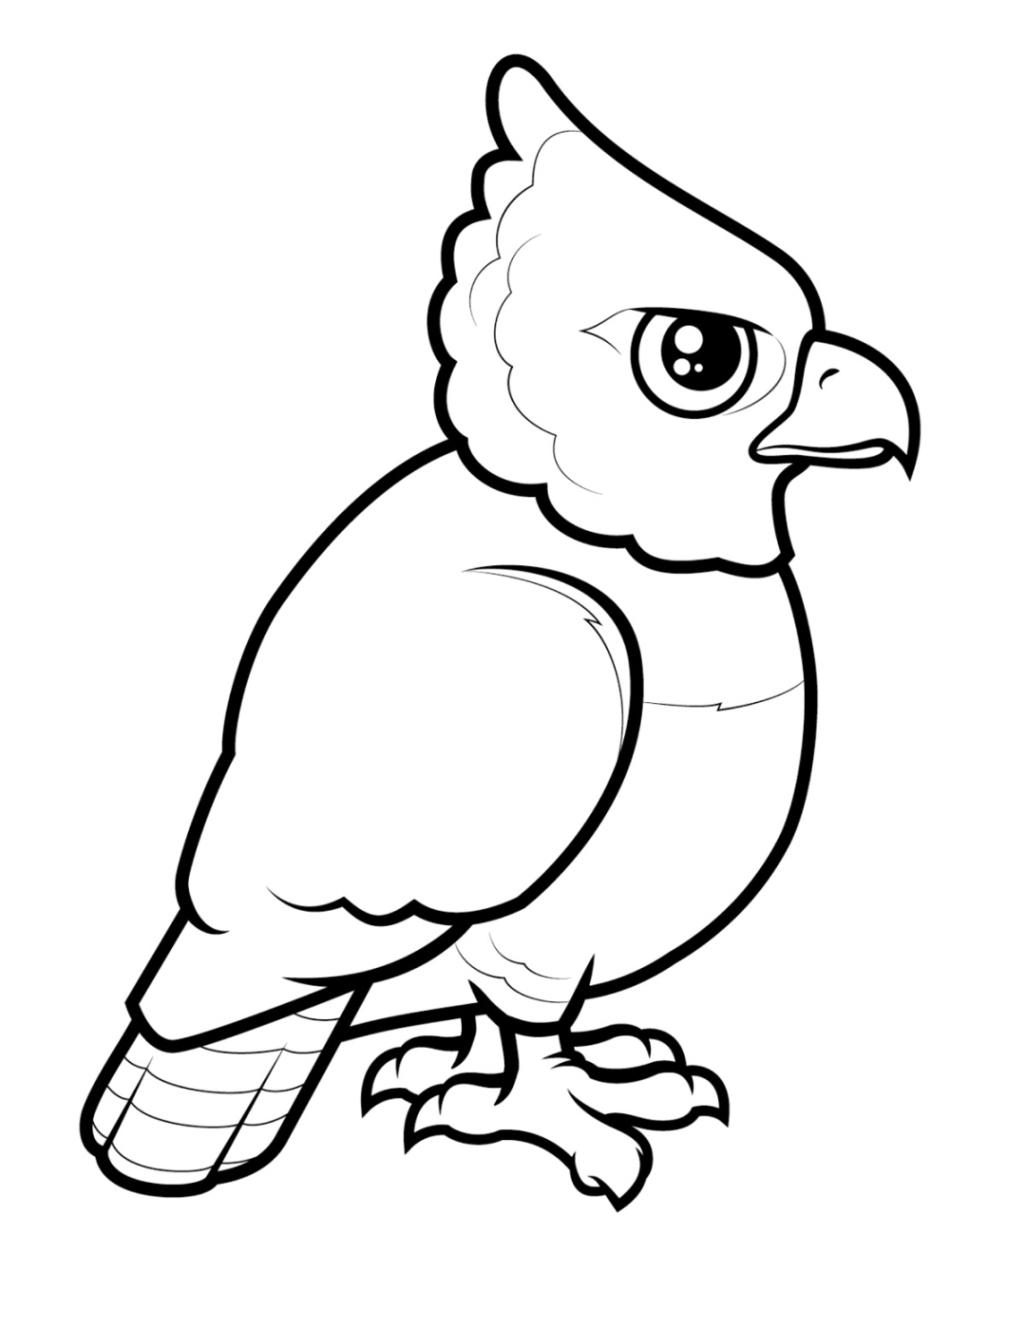 Ausmalbilder Zum Ausdrucken Gratis Malvorlagen Adler 2 für Adler Bilder Zum Ausdrucken